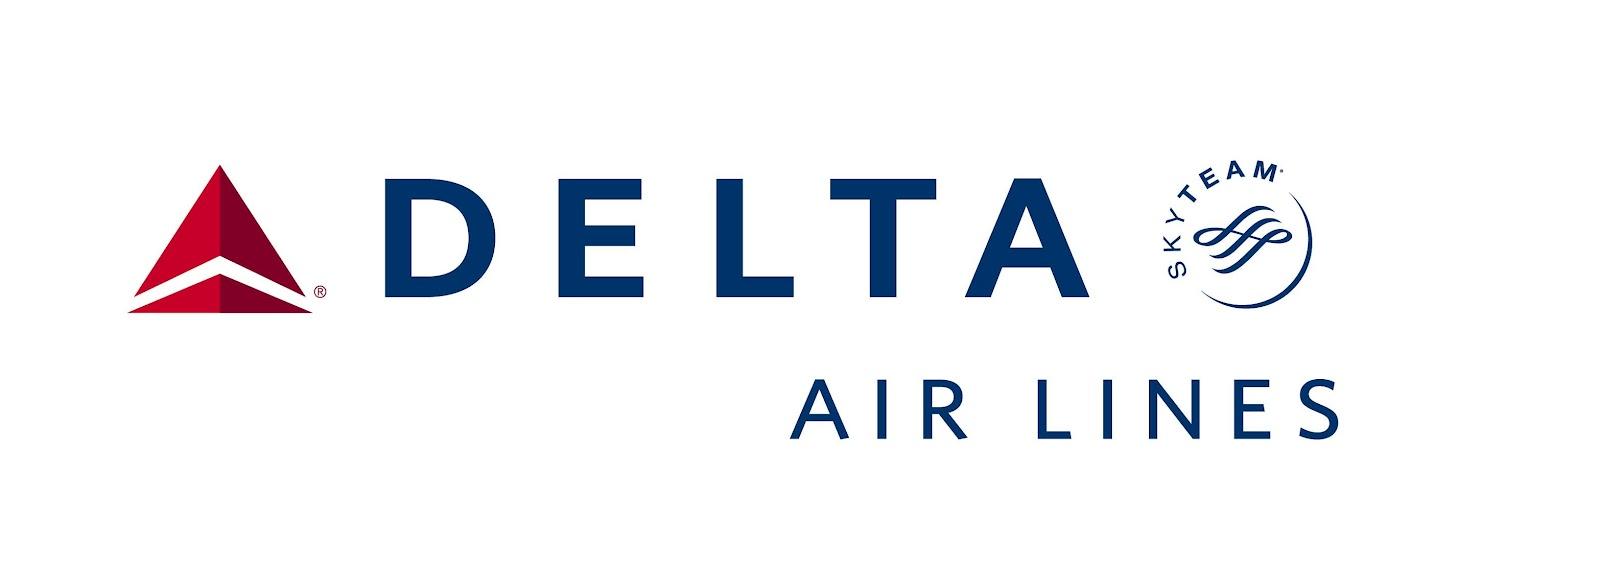 . Hdpng.com Delta Air Lines Logo.jpg Hdpng.com  - Delta Airlines, Transparent background PNG HD thumbnail